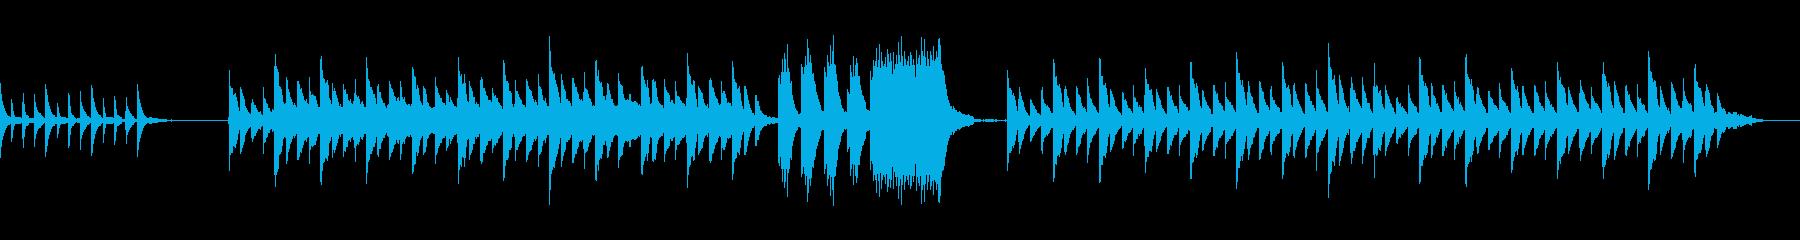 温かく包み込むような癒し系ピアノサウンドの再生済みの波形